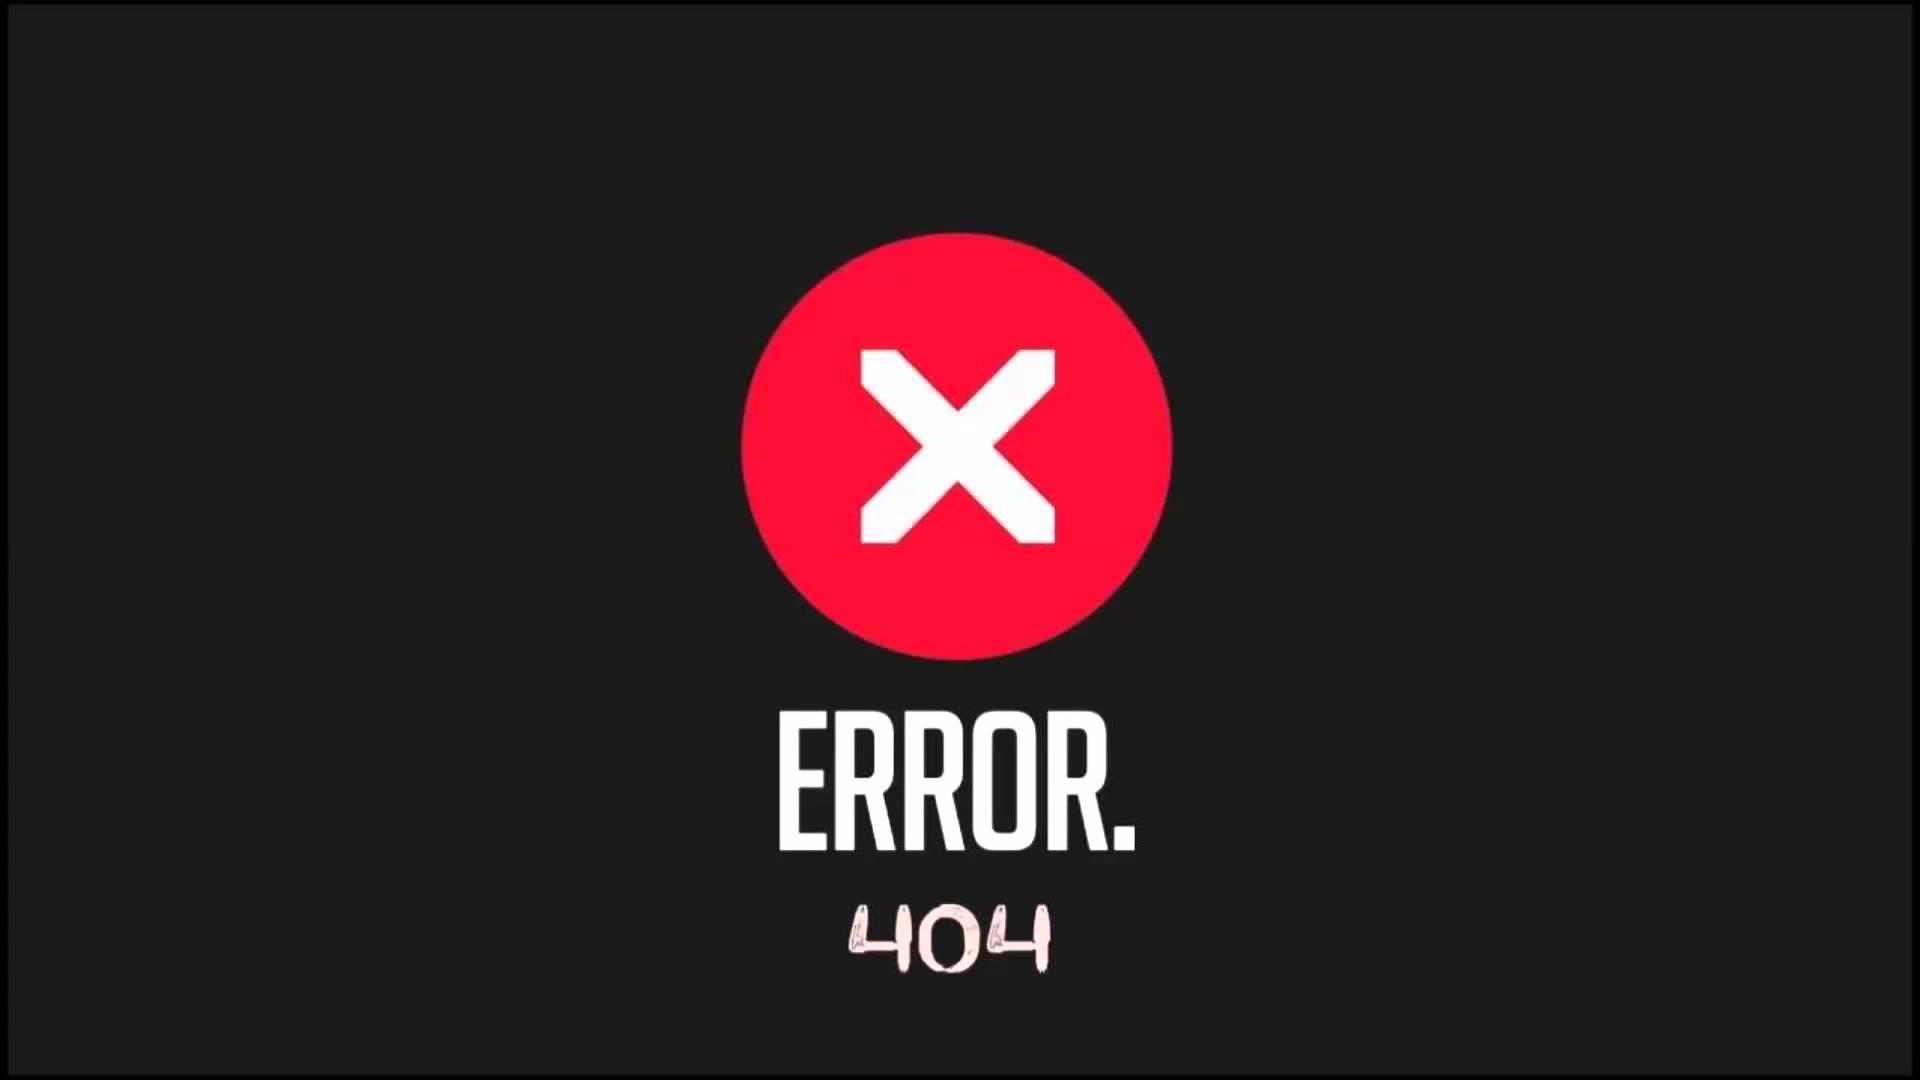 Hướng dẫn xử lý lỗi 404 (Page Not Found) trong Java và PHP